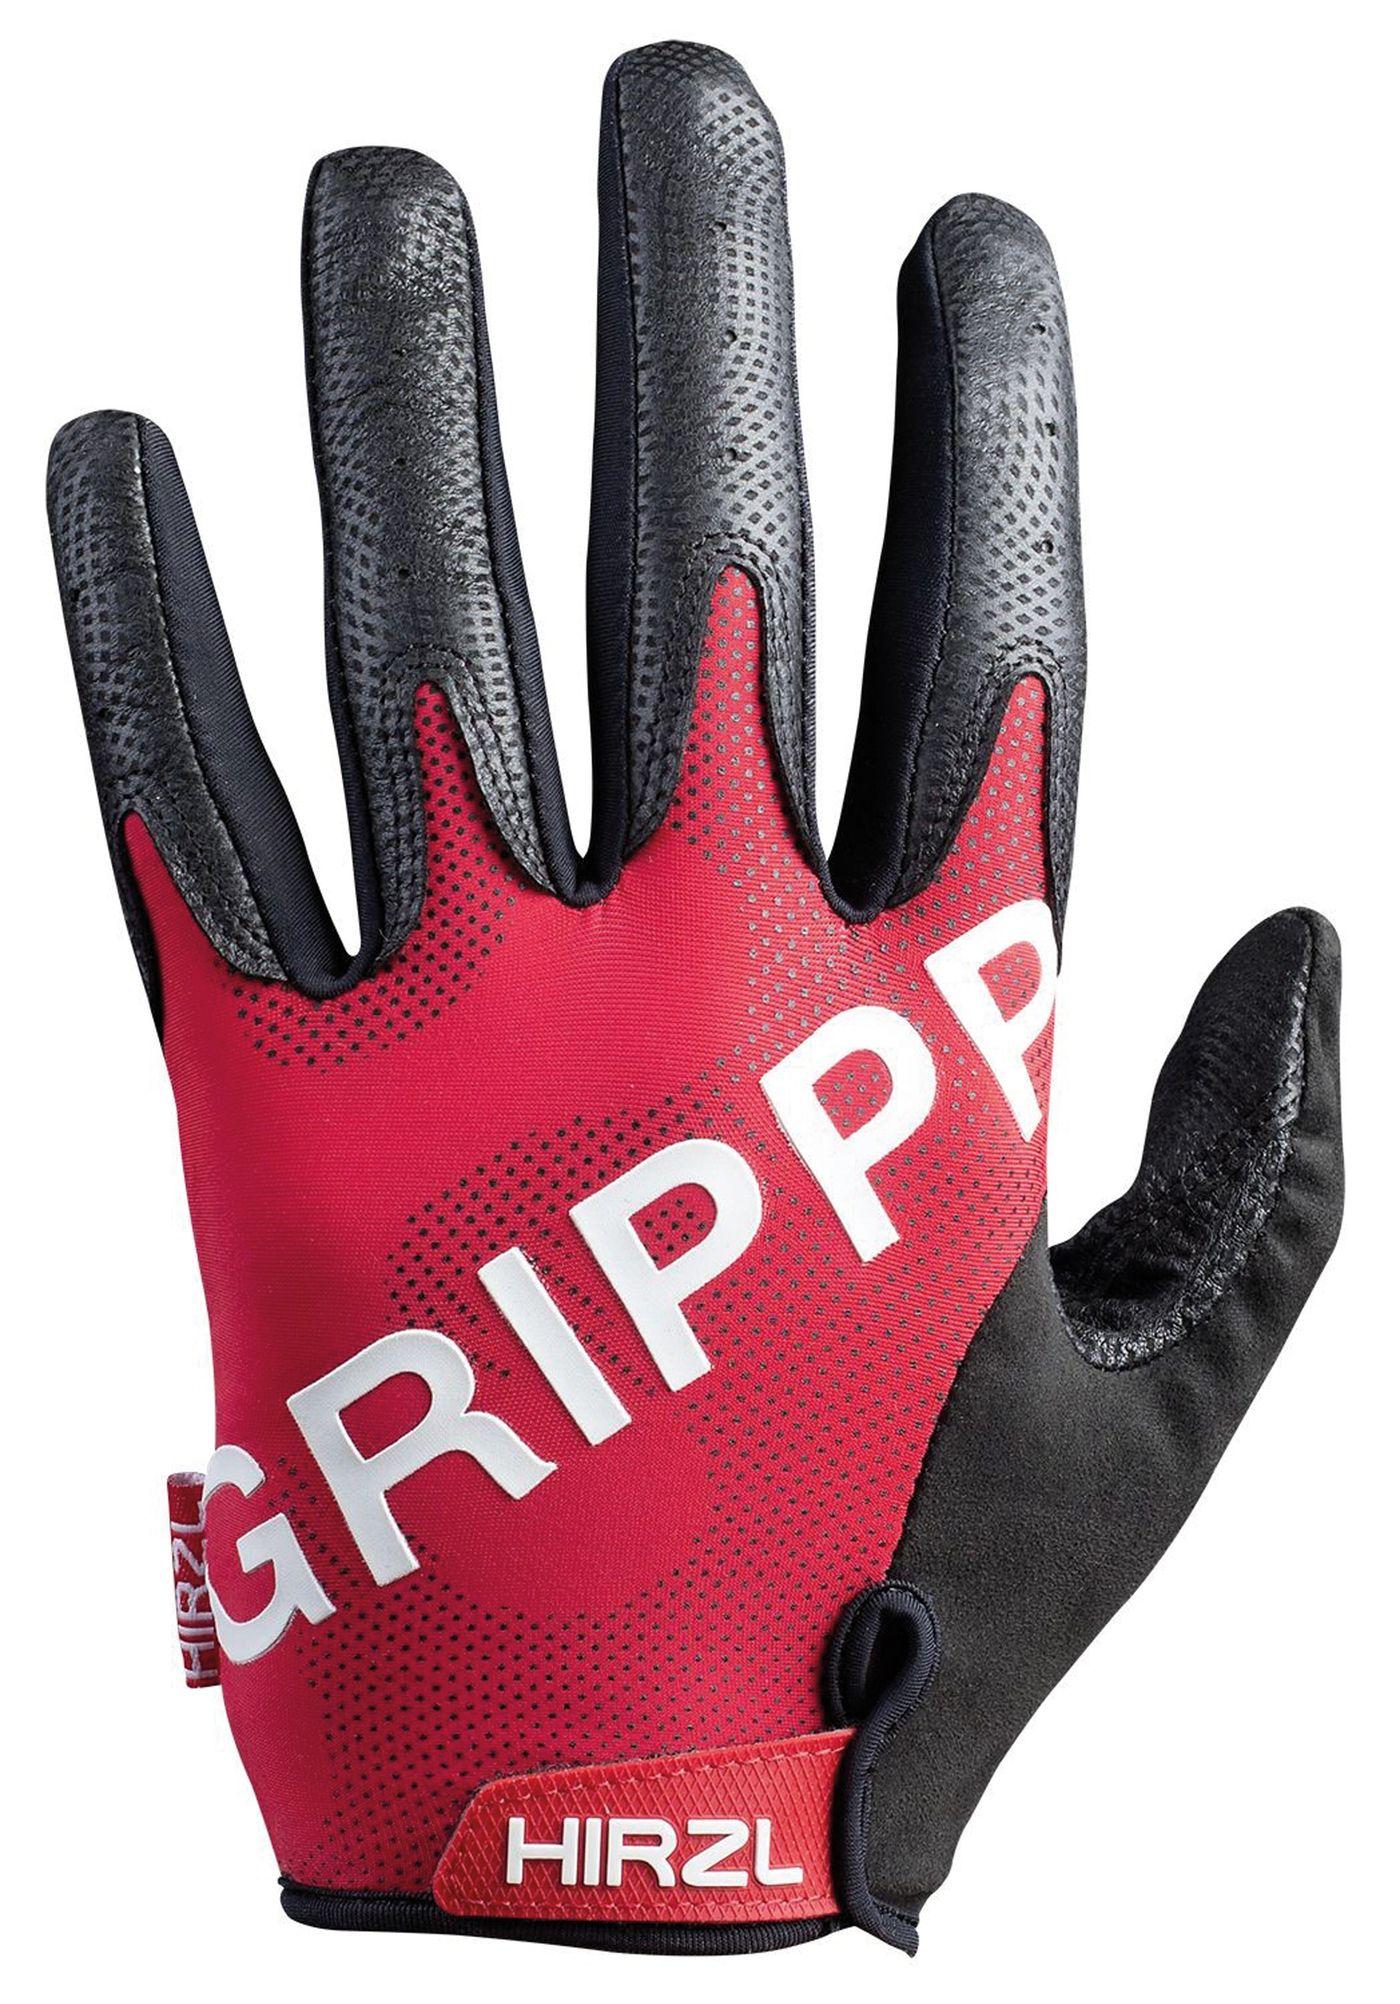 HIRZL Grippp Tour FF2.0